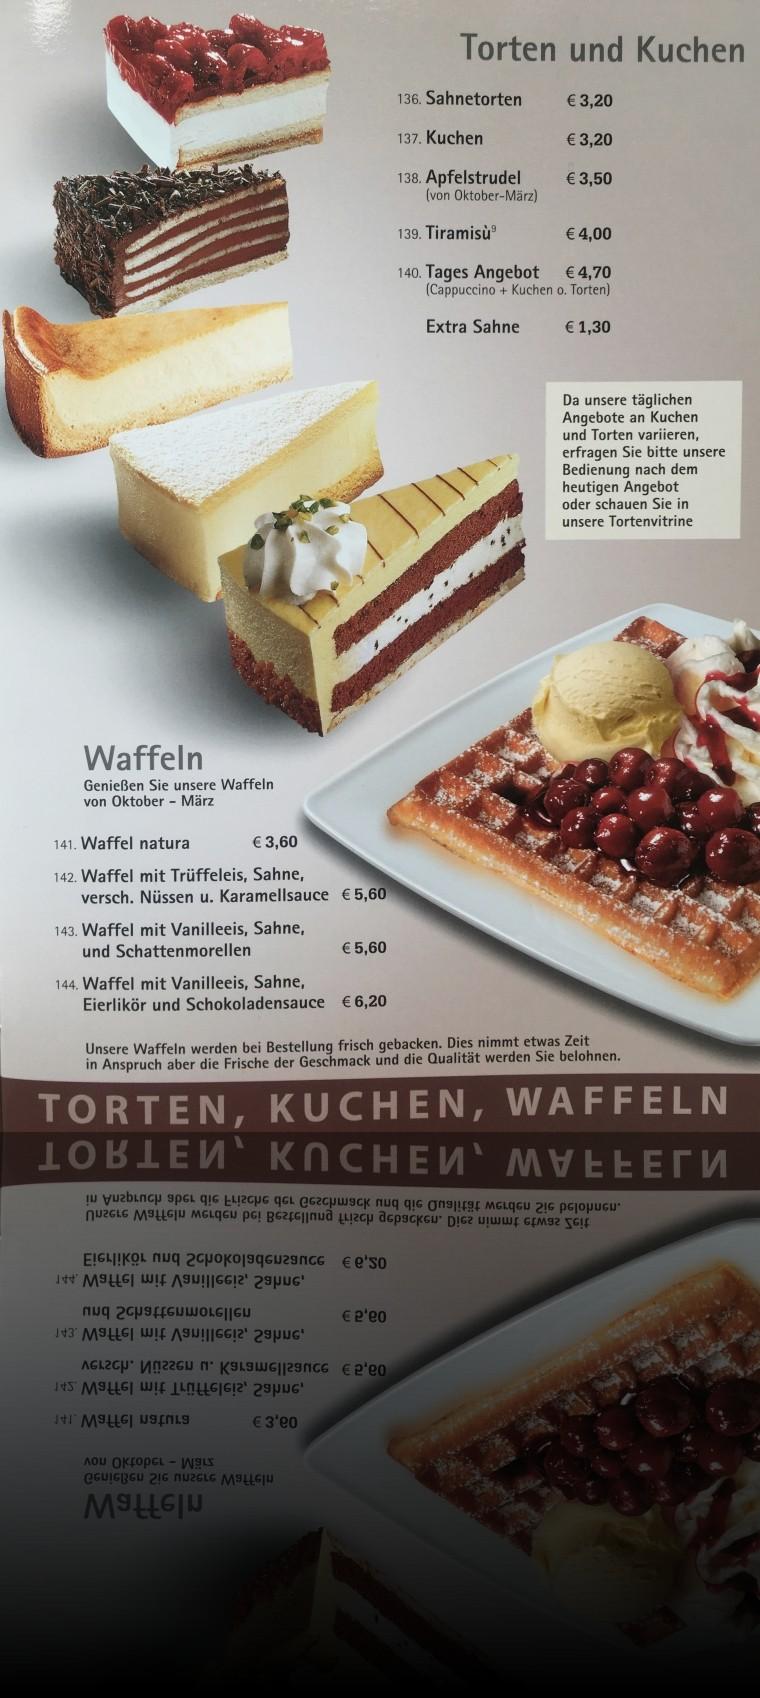 angebote kuchen munchen, fantasia del gelato eis cafe, Design ideen